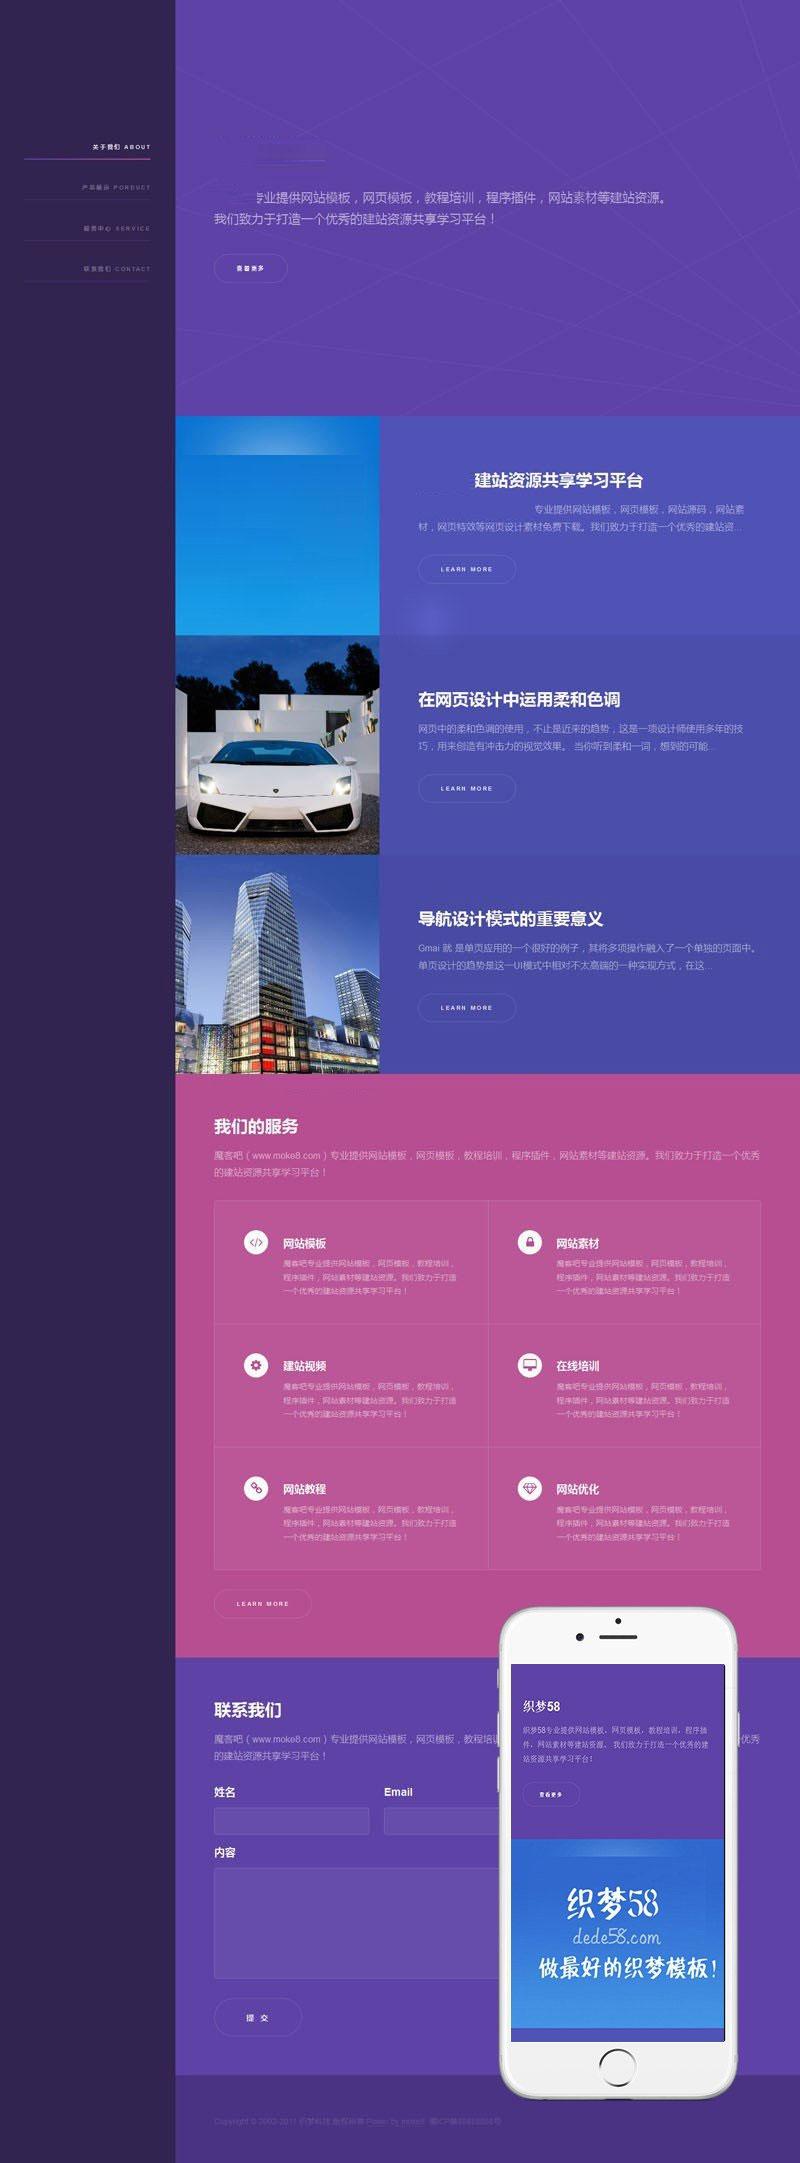 dedecms织梦优雅炫彩侧边响应式企业展示通用PC端+WAP手机端(自适应)